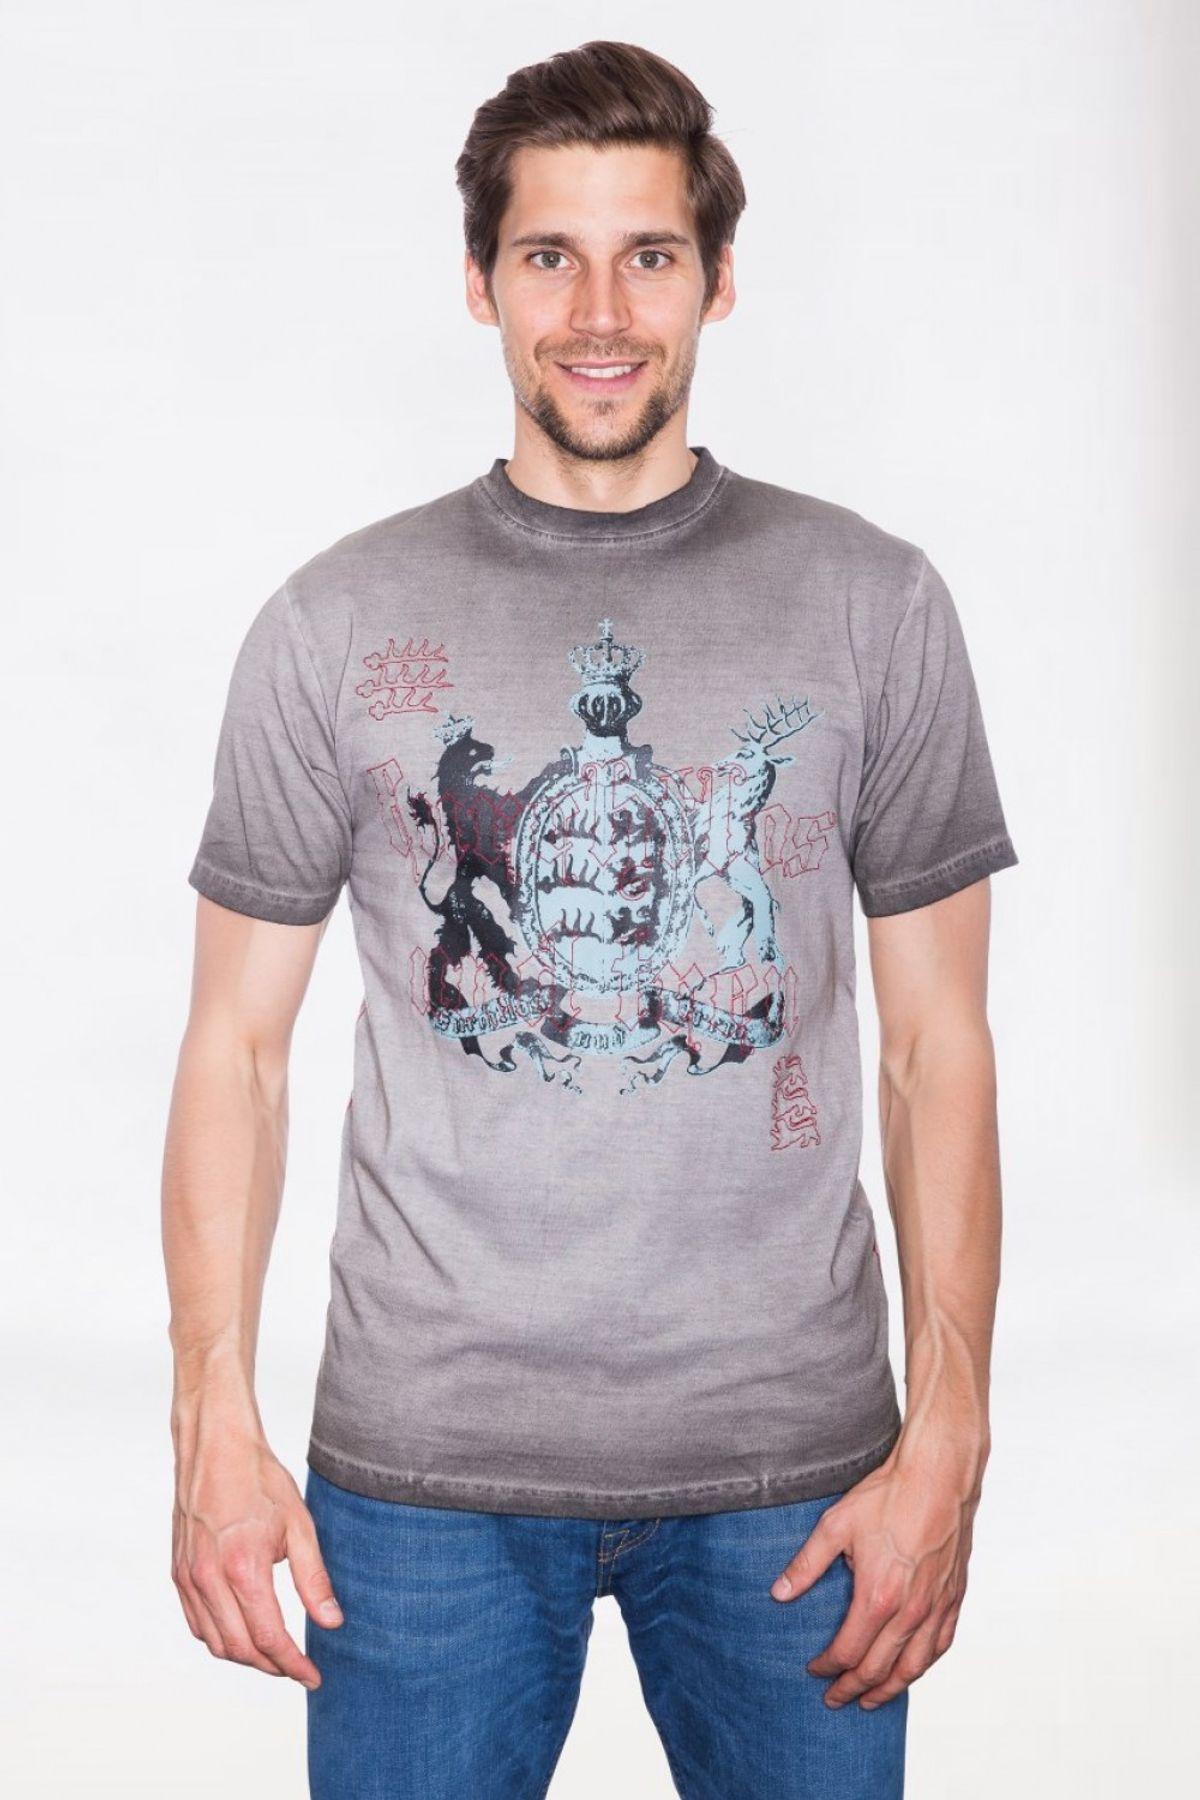 Krüger - Herren Trachten T-Shirt in Braun, Furchtlos und Treu (92209-7) – Bild 2